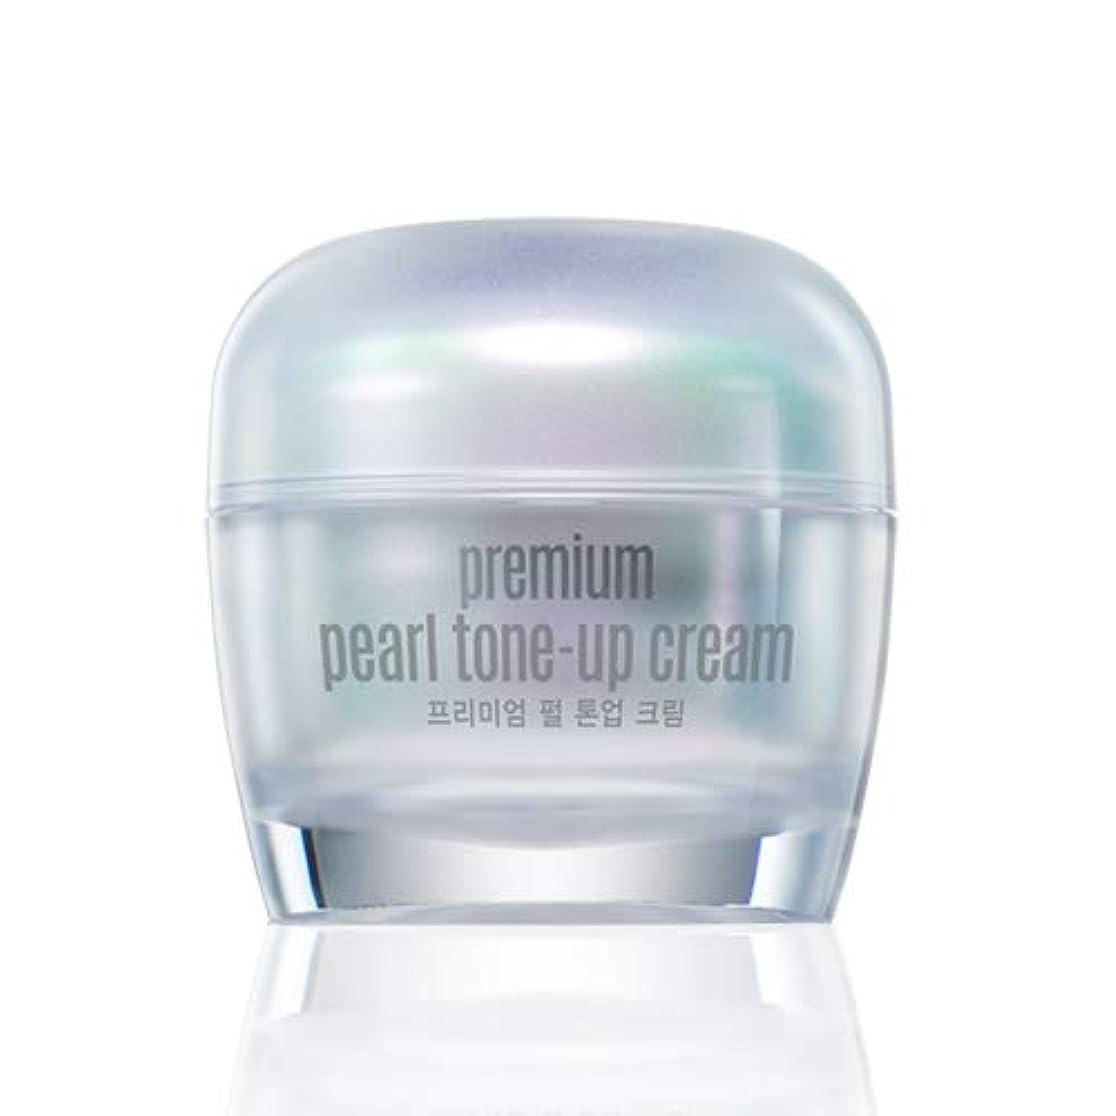 犯人砲兵玉ねぎグーダル プレミアム パール トーンアップ クリーム50ml Goodal Premium Pearl Tone-up Cream [並行輸入品]